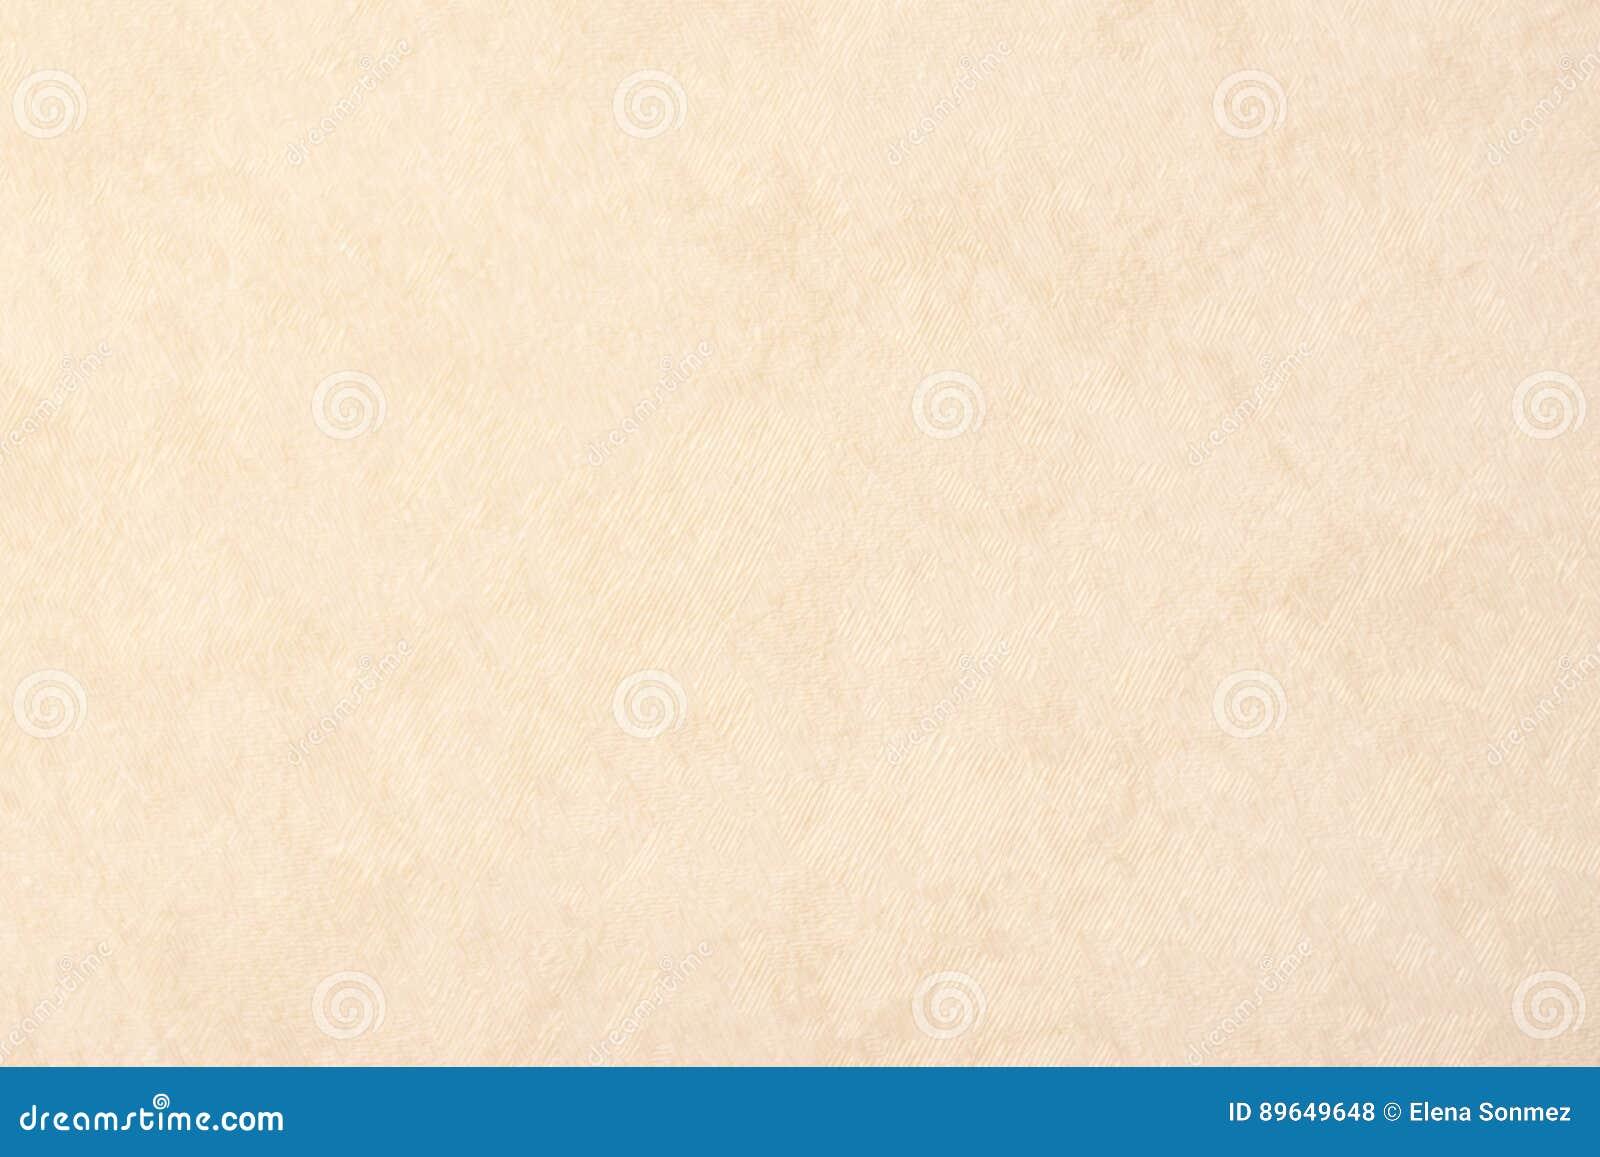 Cream texture background paper beige color, parchment paper, website background